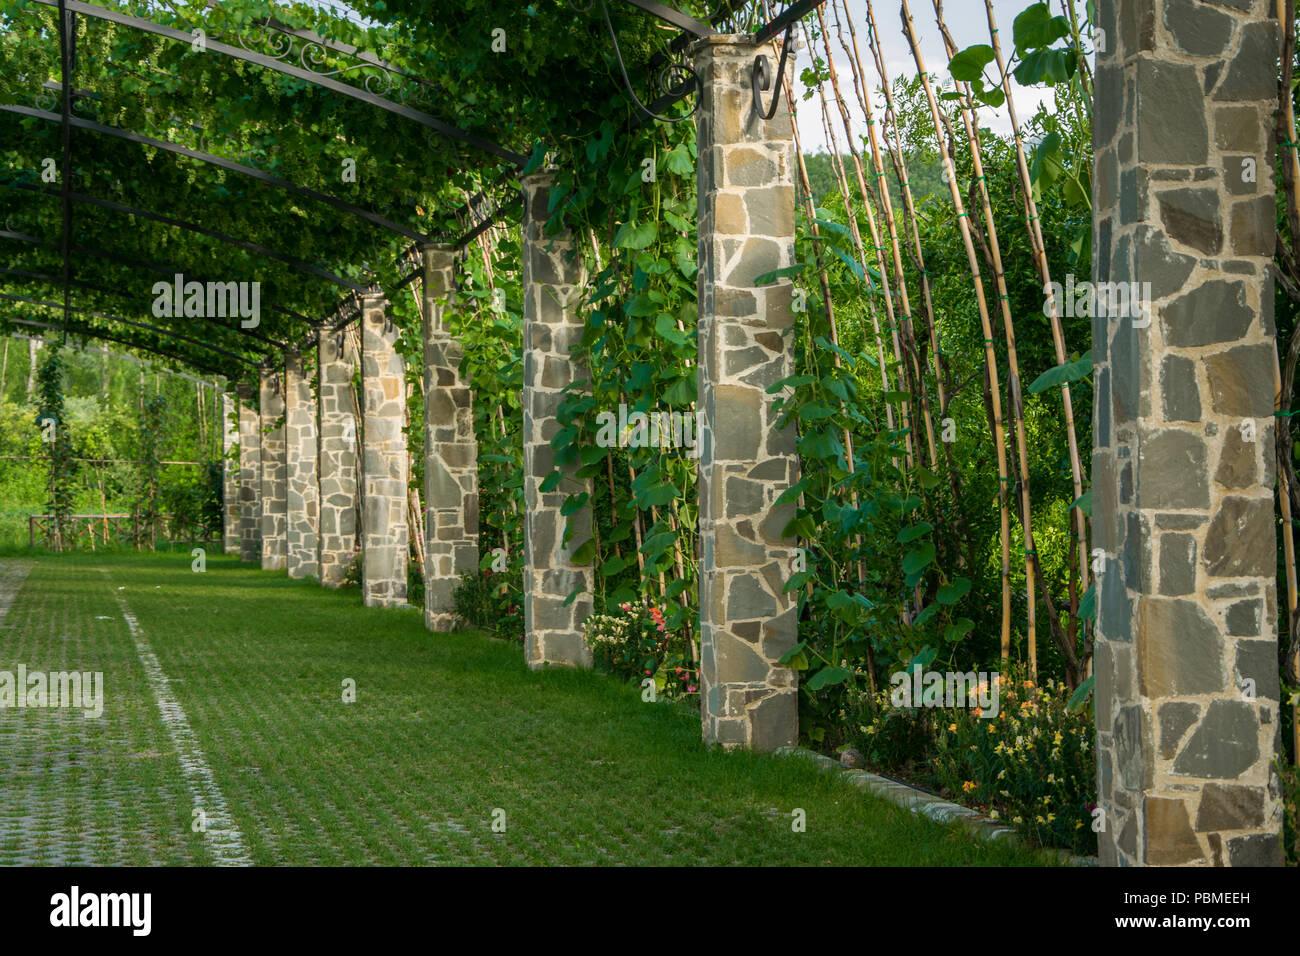 Pergola Garten Leco Design Pergola 2 8x2 8 Garten Terrasse überdachung